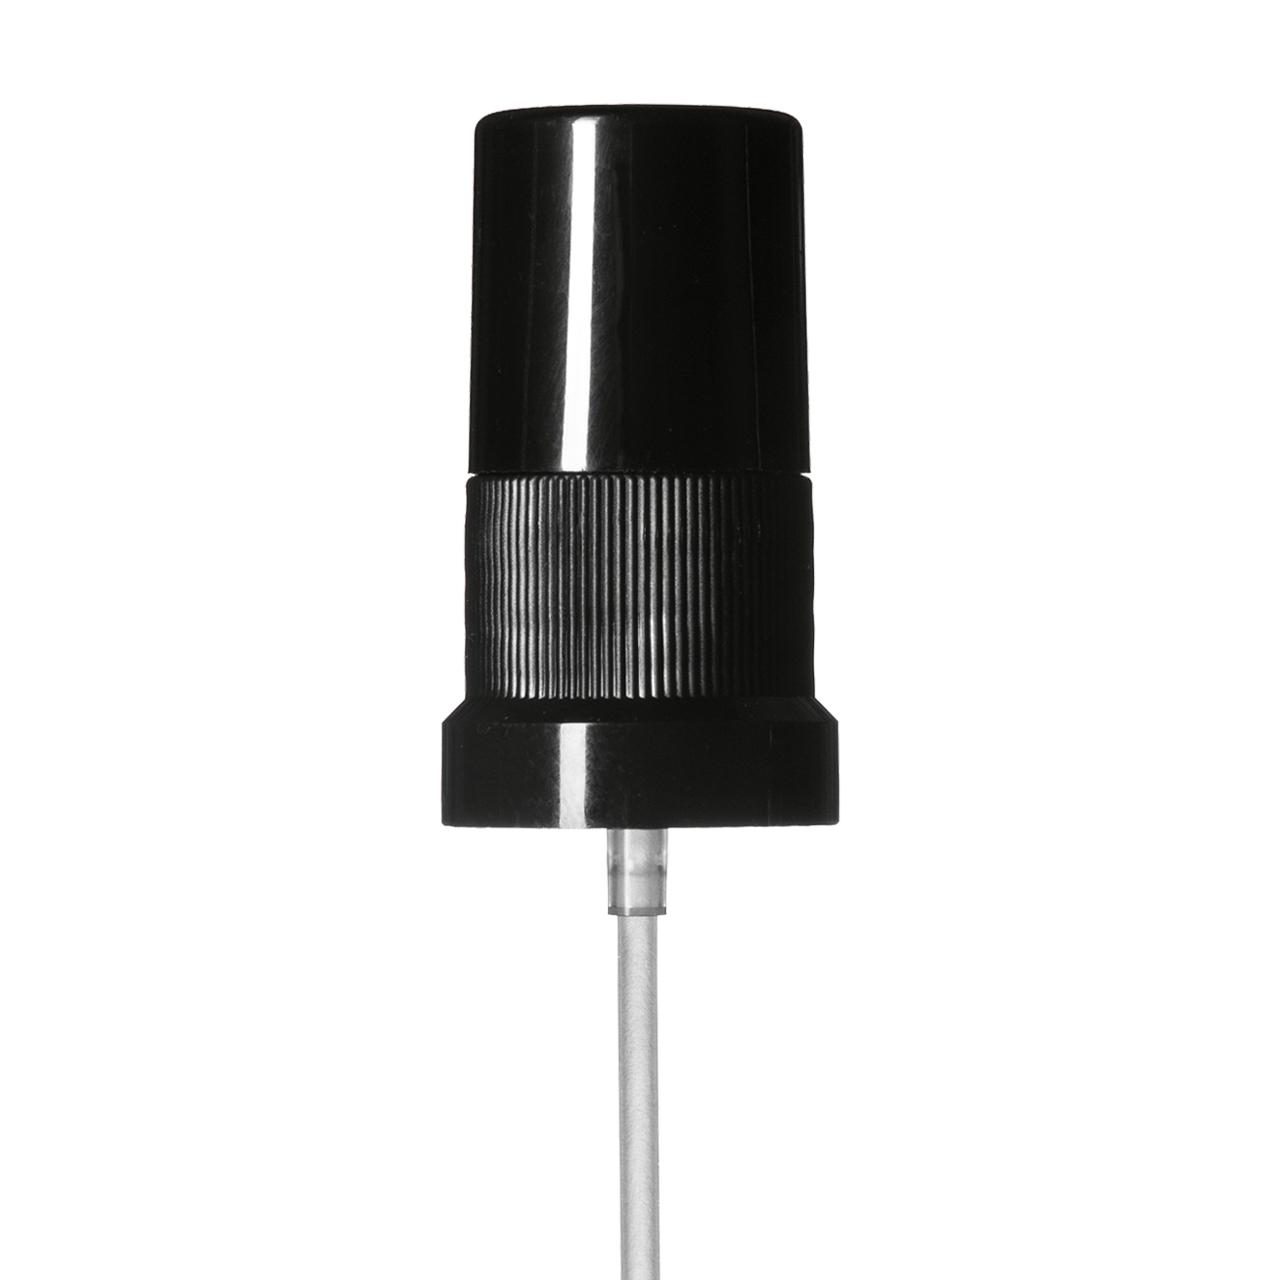 Sprühnebel sinfonia, Dosis 0.10ml für Tropfenflaschen Orion 5 bis zu 100 ml, 168/GL18, Schwarz/black overcap